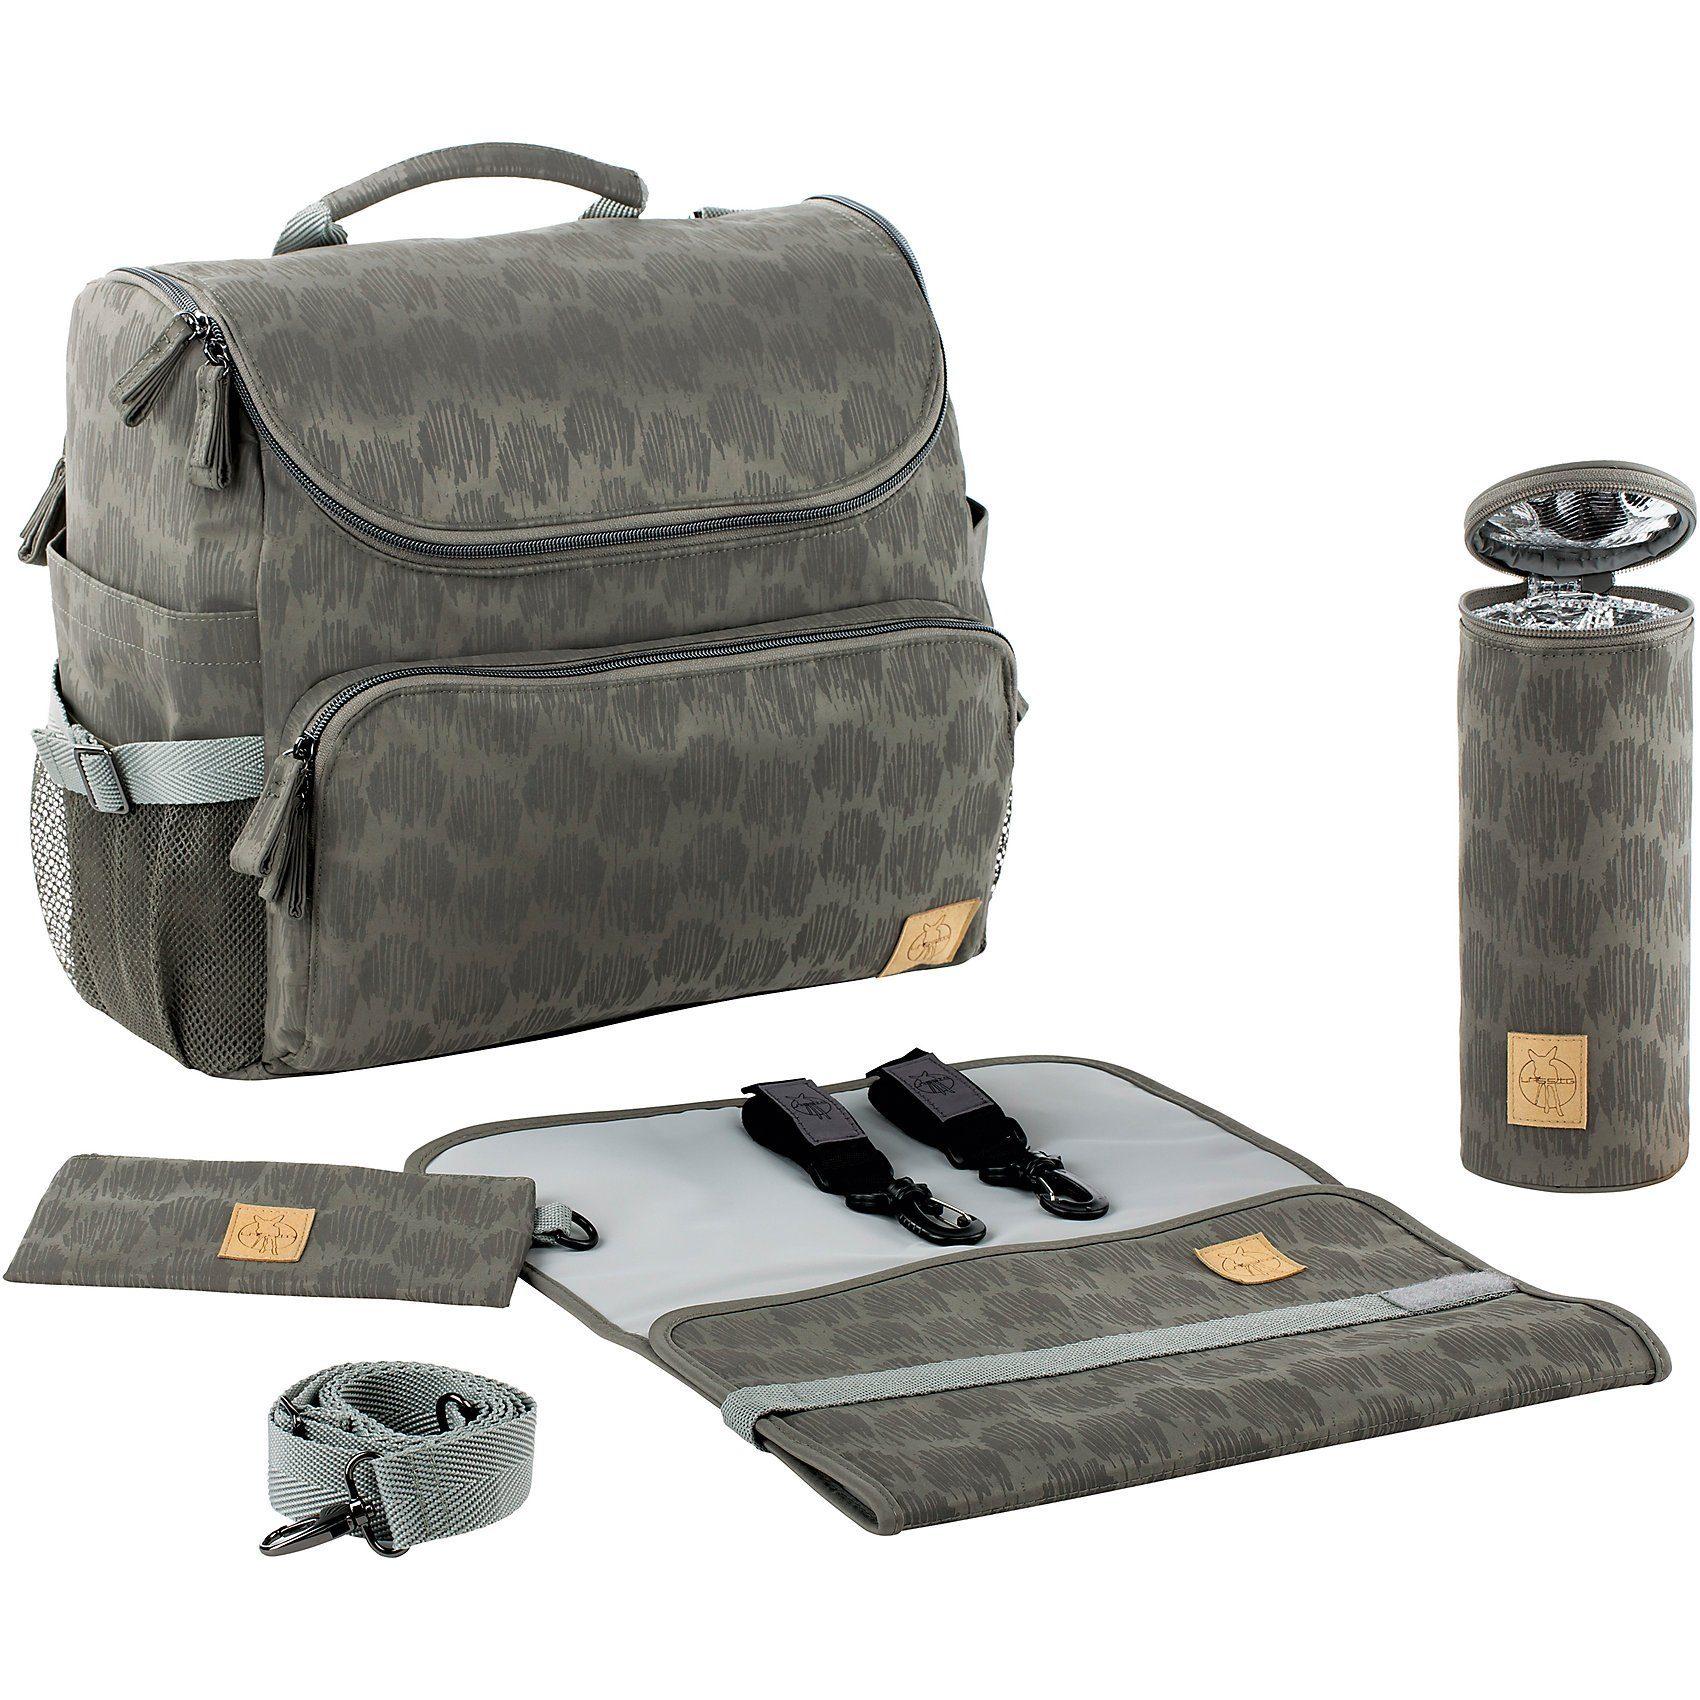 Lässig Wickeltasche Casual All-a-round Bag, grey